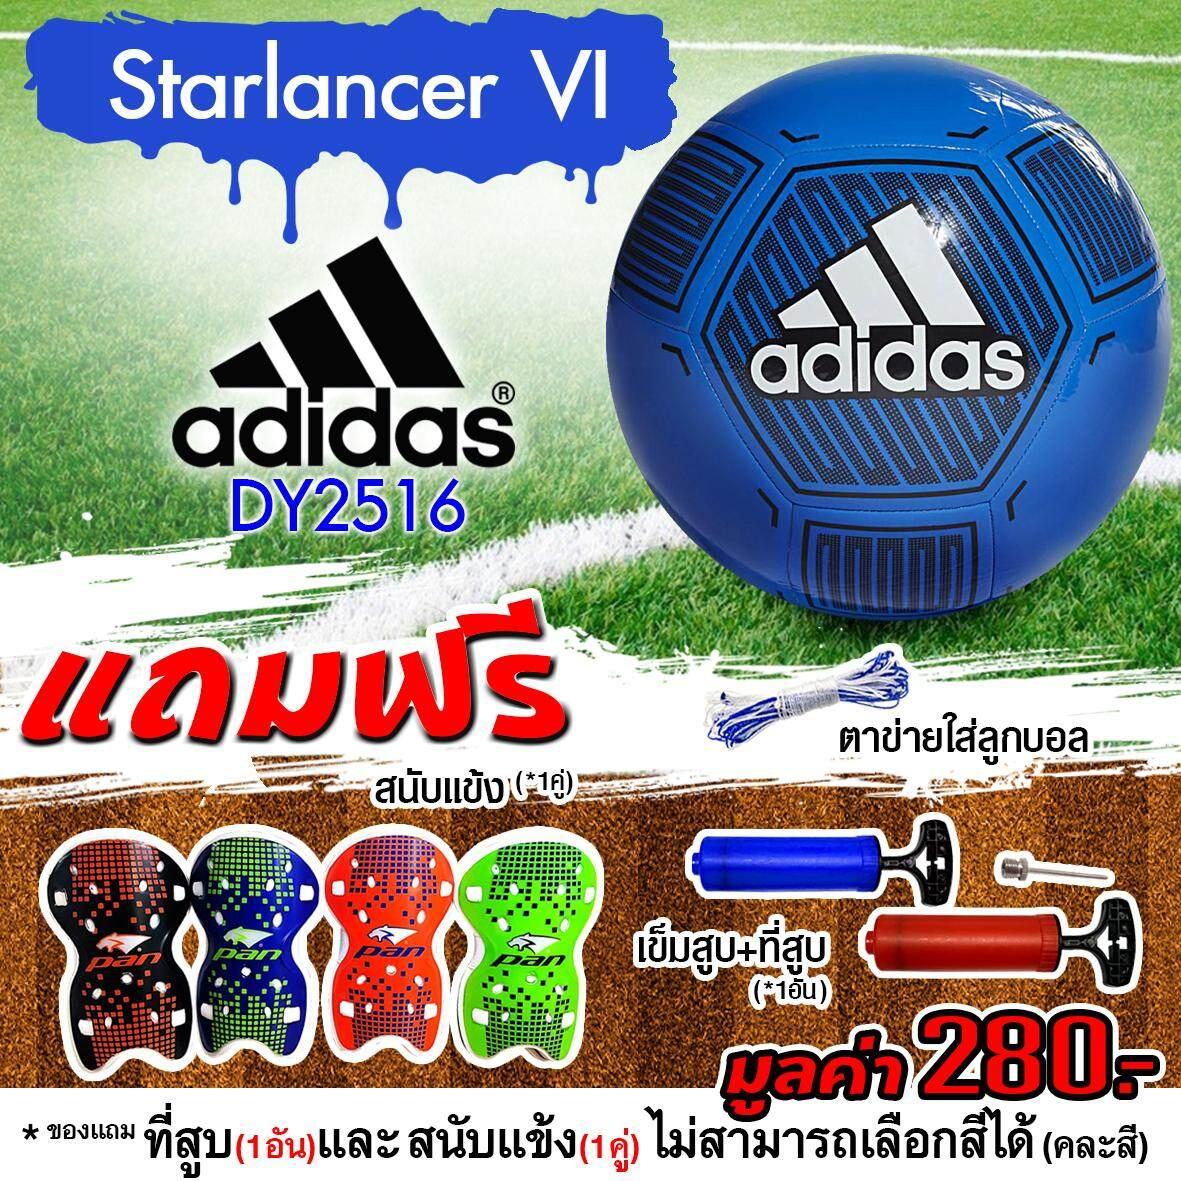 ยี่ห้อนี้ดีไหม  ยโสธร Adidas ฟุตบอลหนัง อาดิดาส Football Starlancer VI DY2516(500) แถมฟรี ตาข่ายใส่ลูกฟุตบอล + เข็มสูบสูบลม + สูบมือ HP-04 + สนับแข้ง Shin Guard Pan PSS025(280)